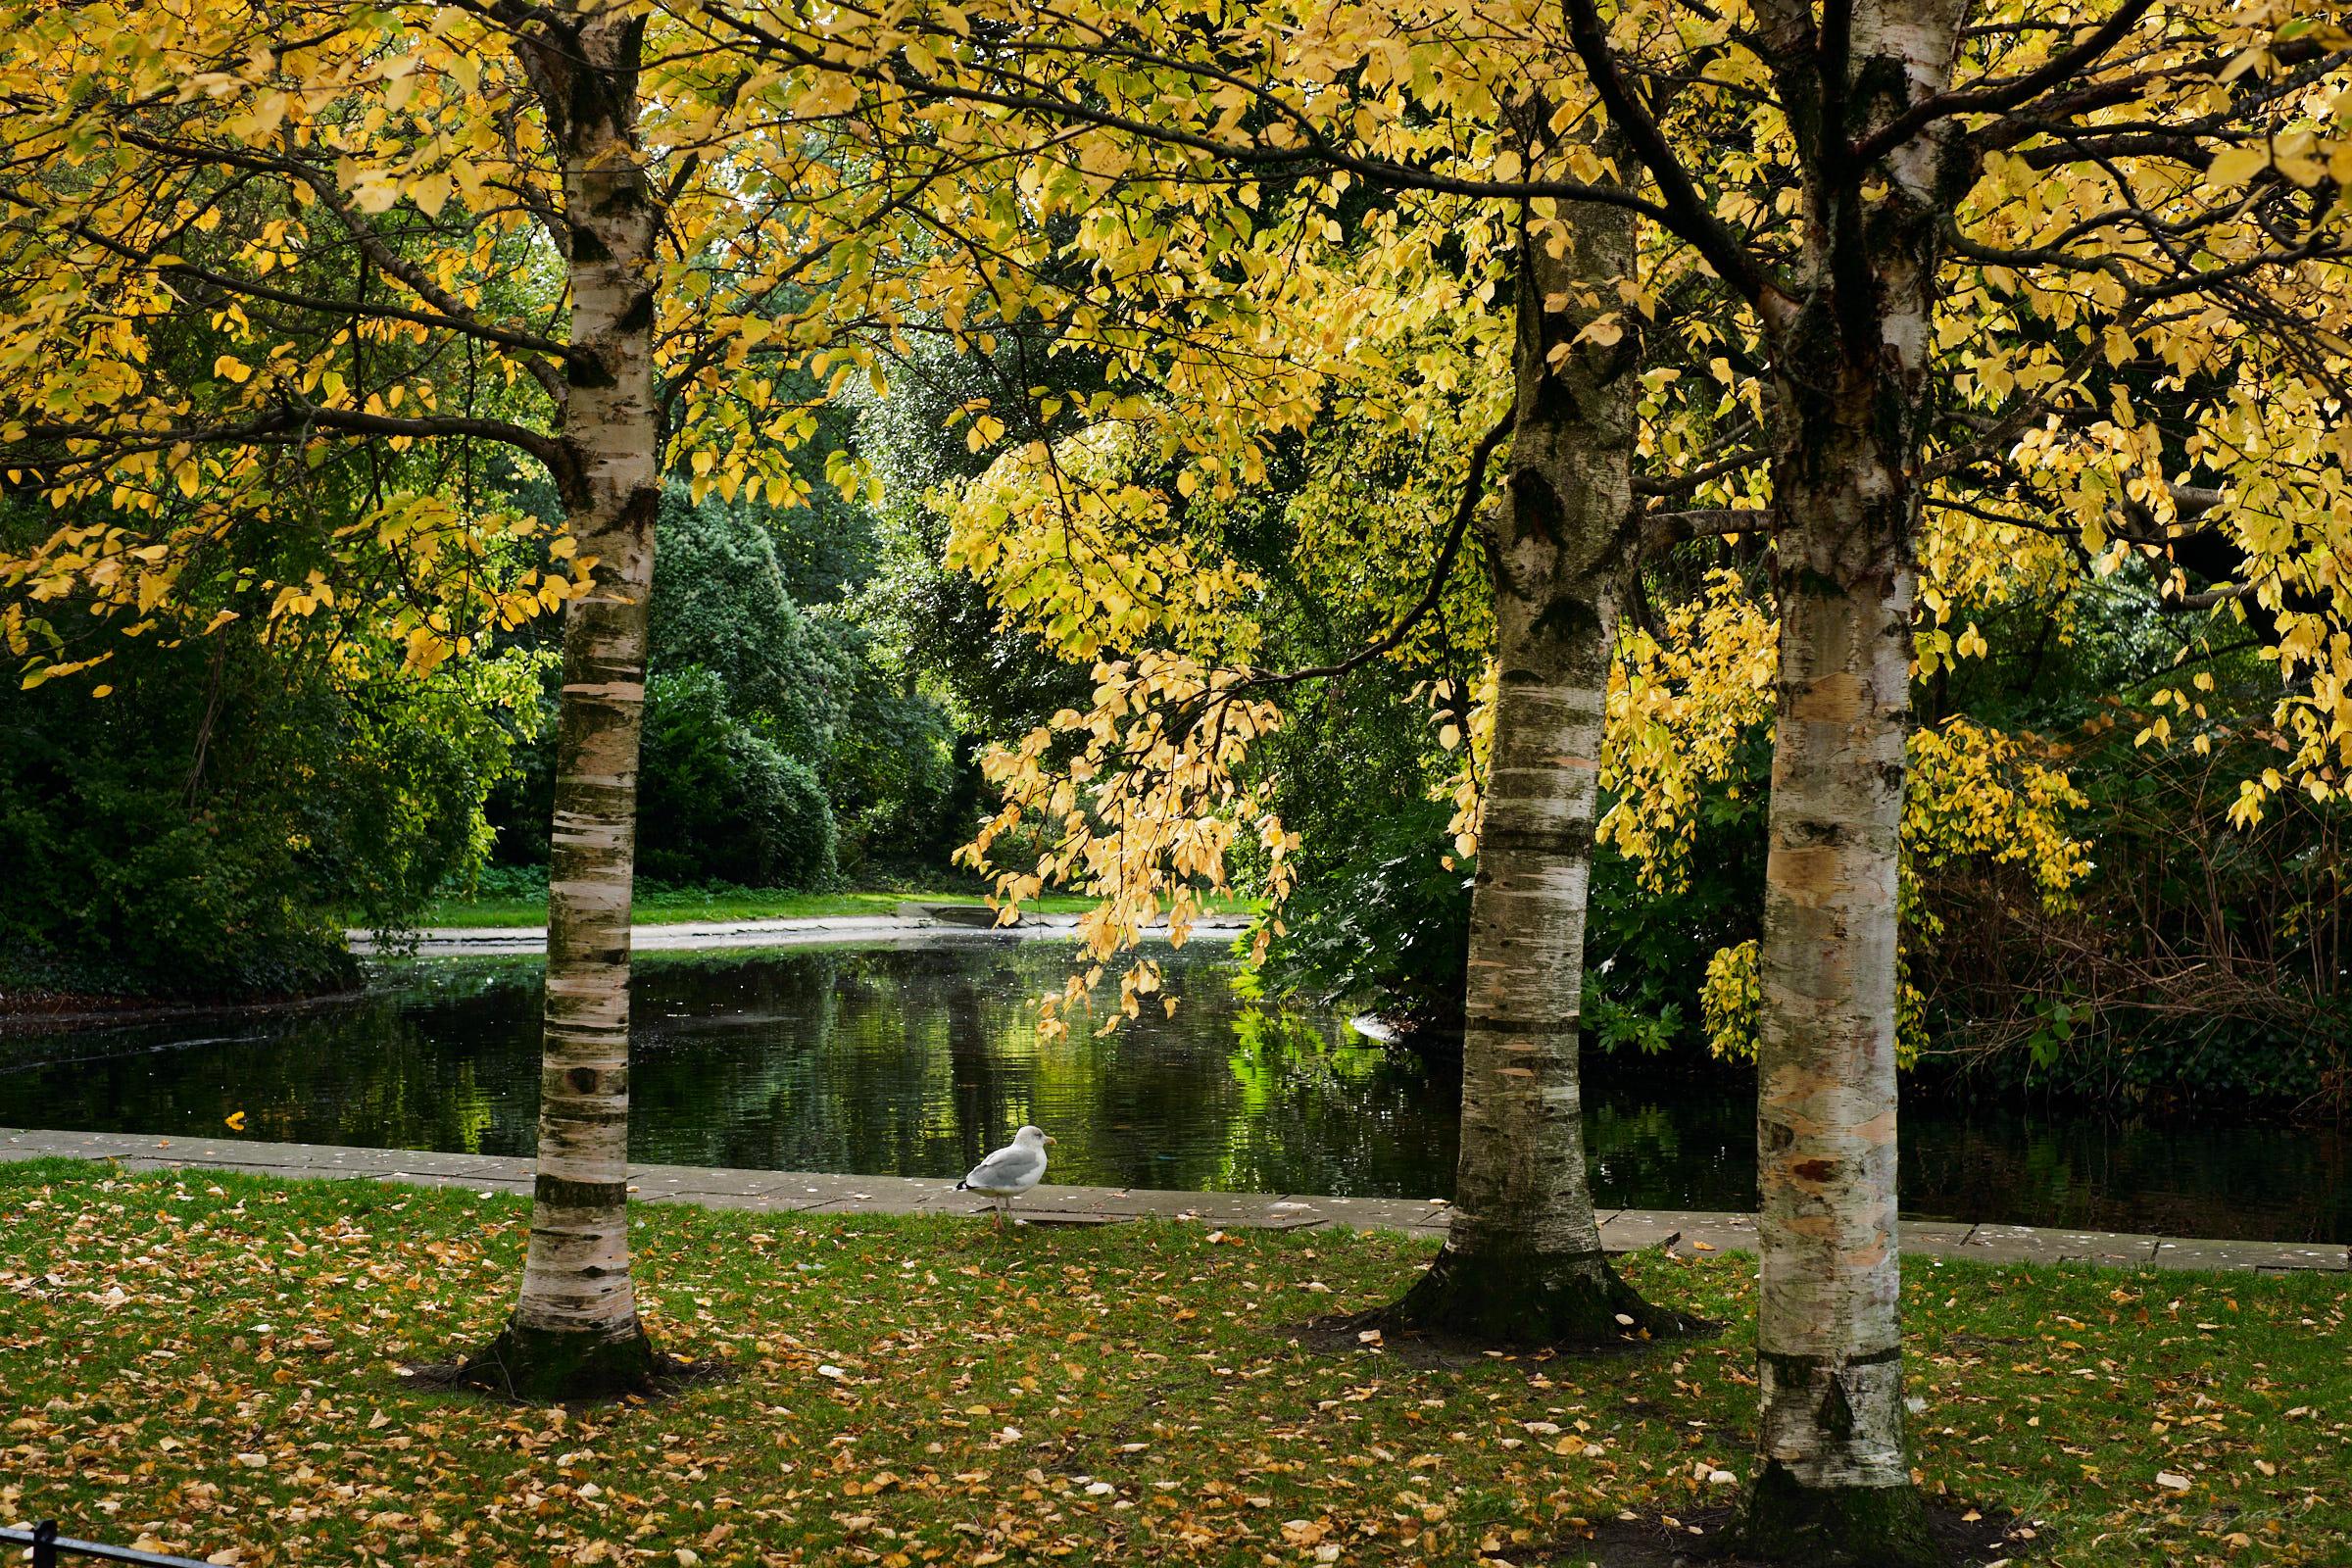 Street-and-park-autumn-387-Jpeg for Web.jpg